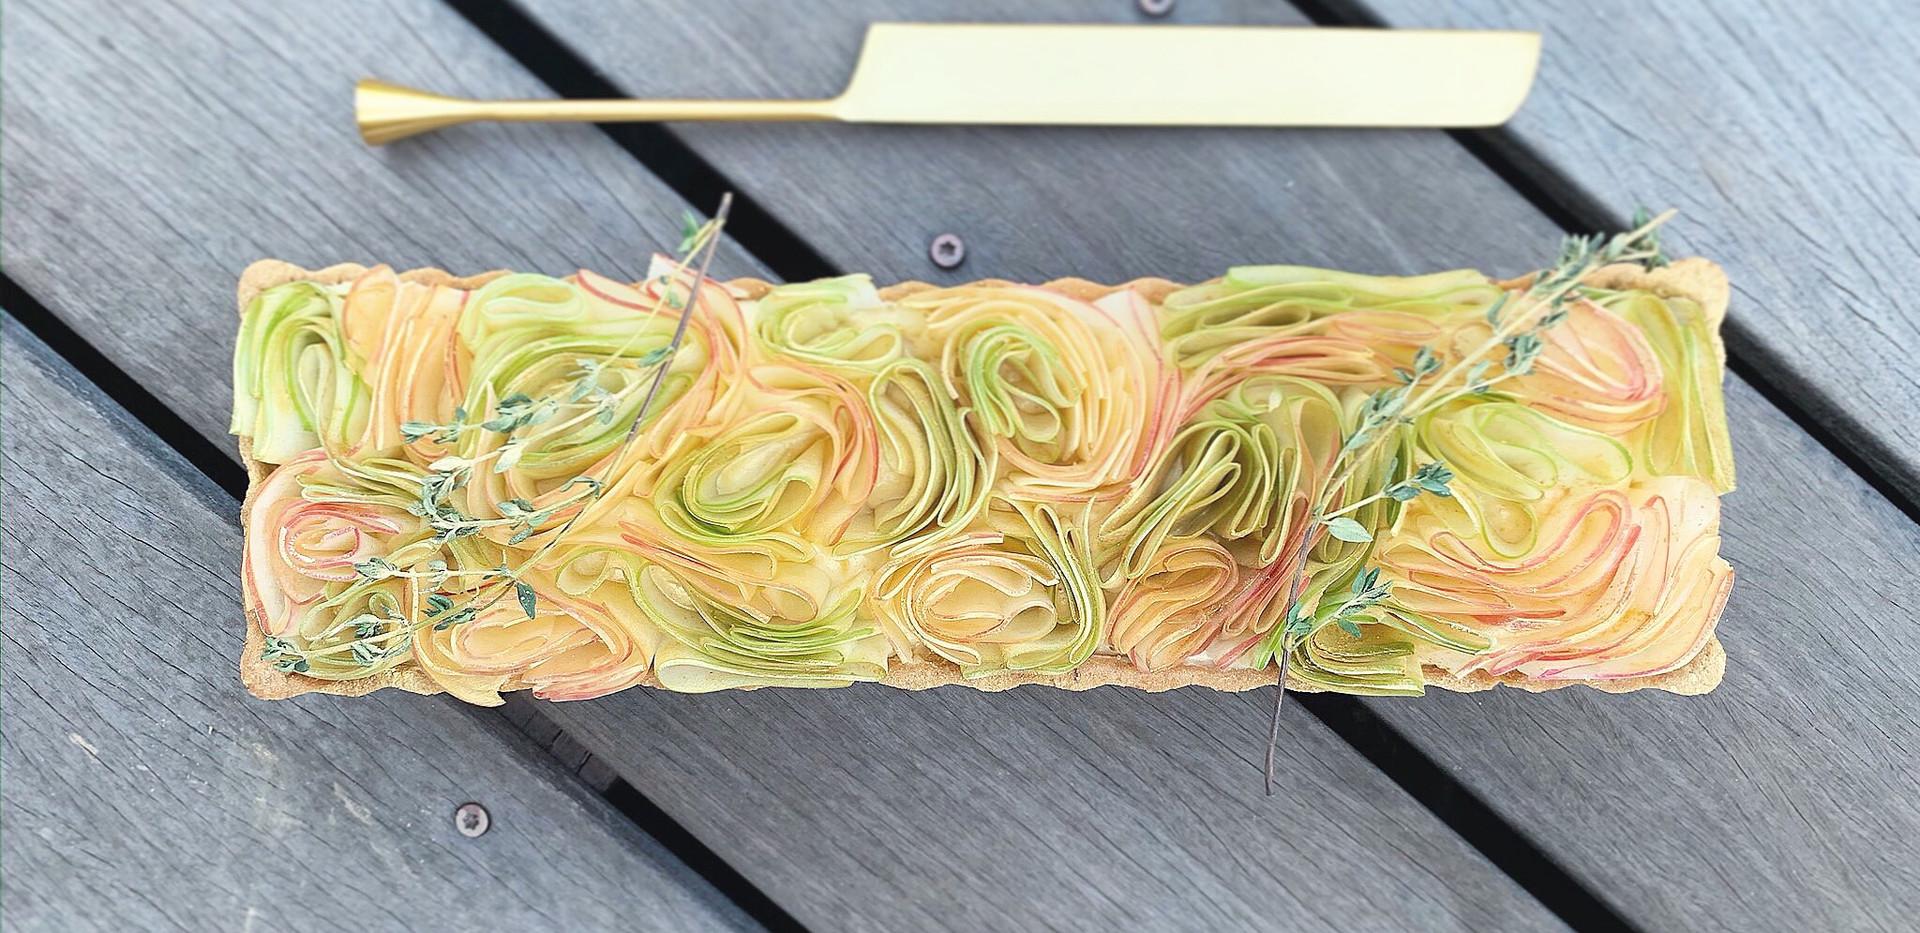 Rosemary-Thyme Apple Tart